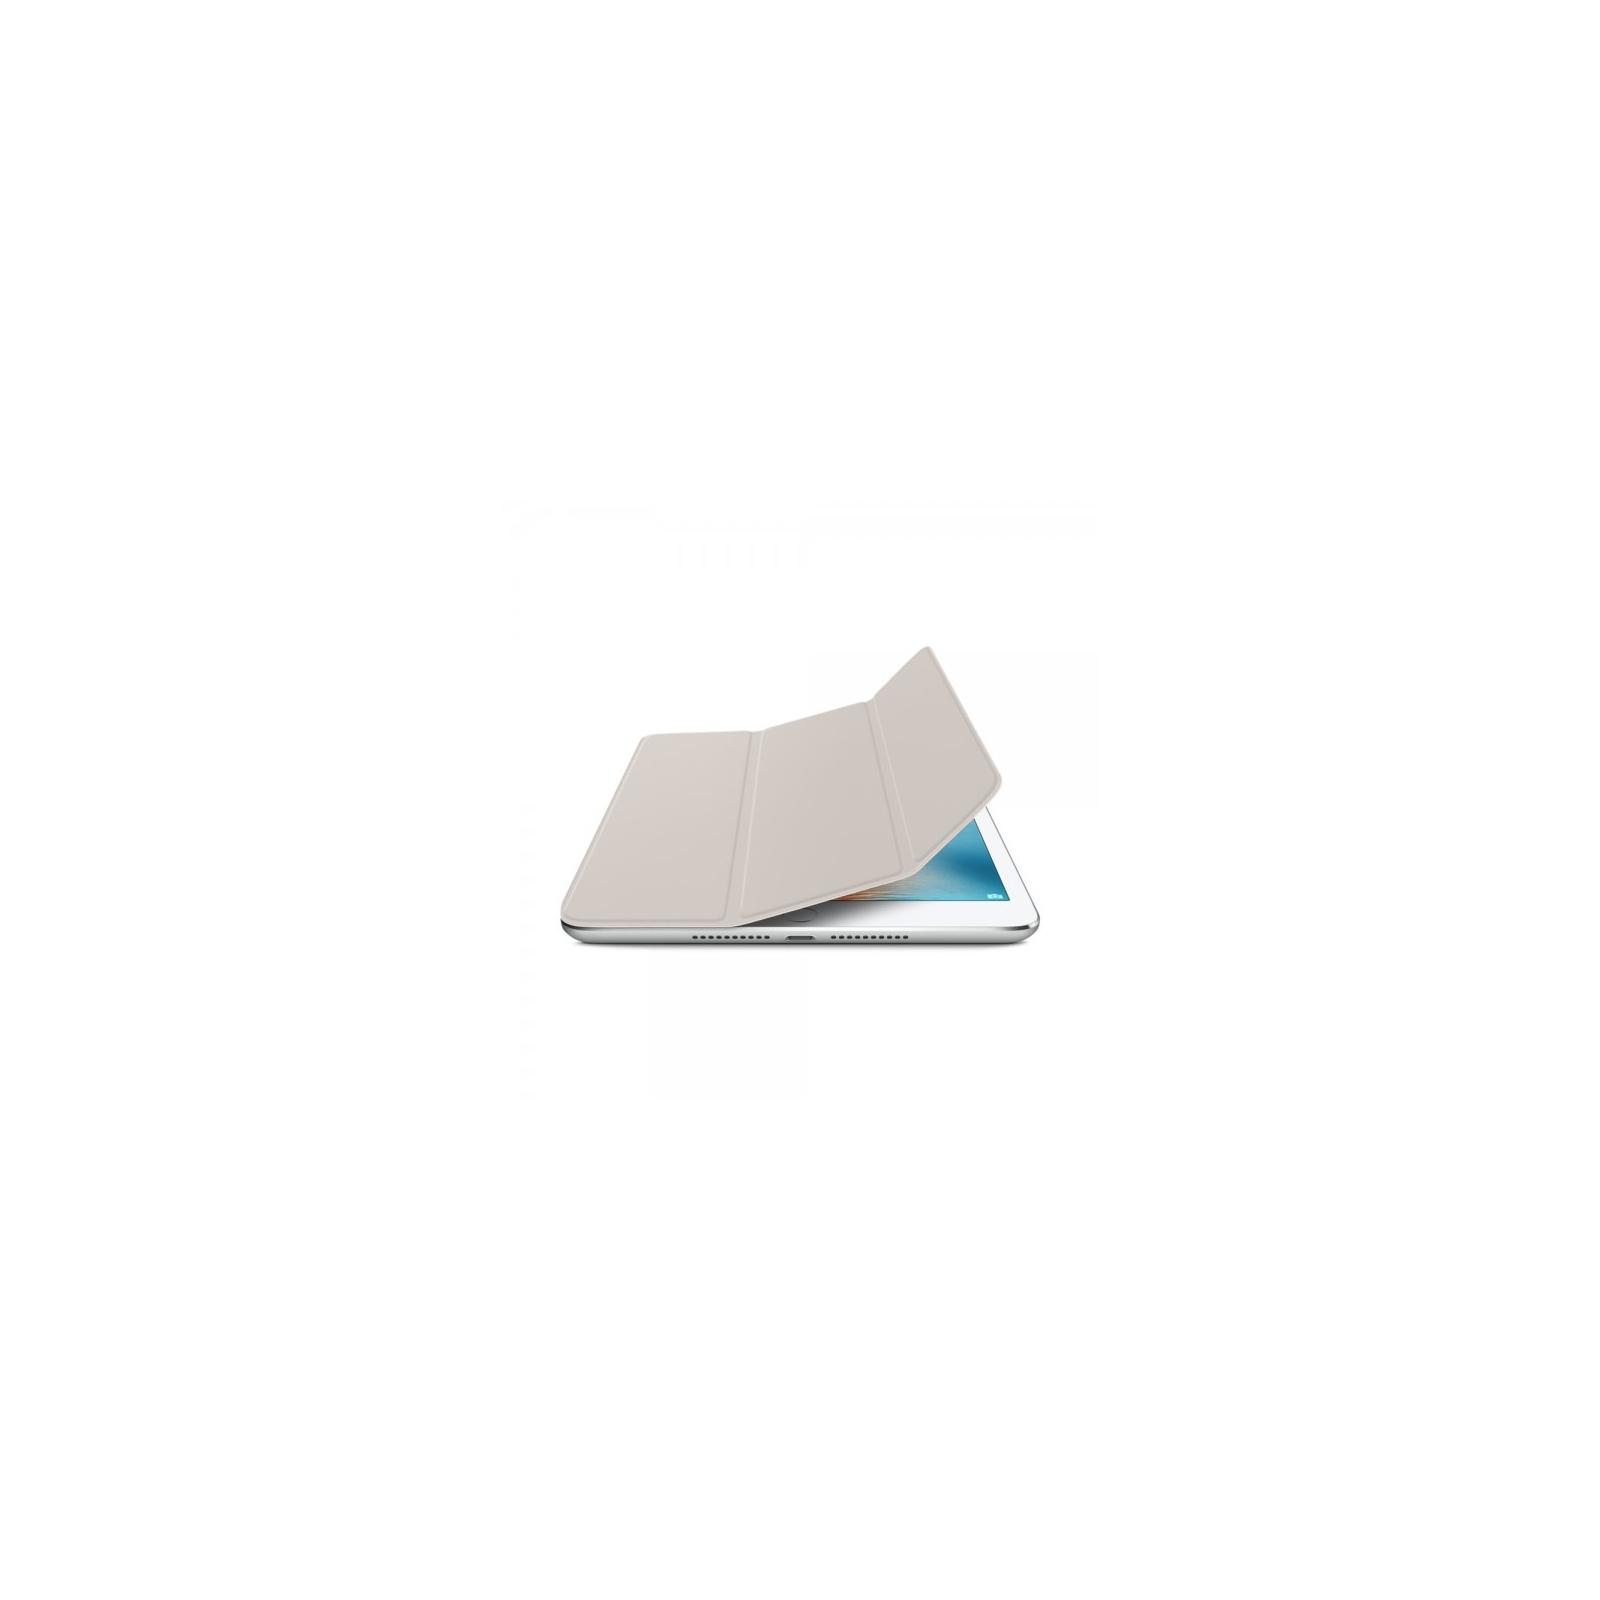 Чехол для планшета Apple Smart Cover для iPad mini 4 Stone (MKM02ZM/A) изображение 2